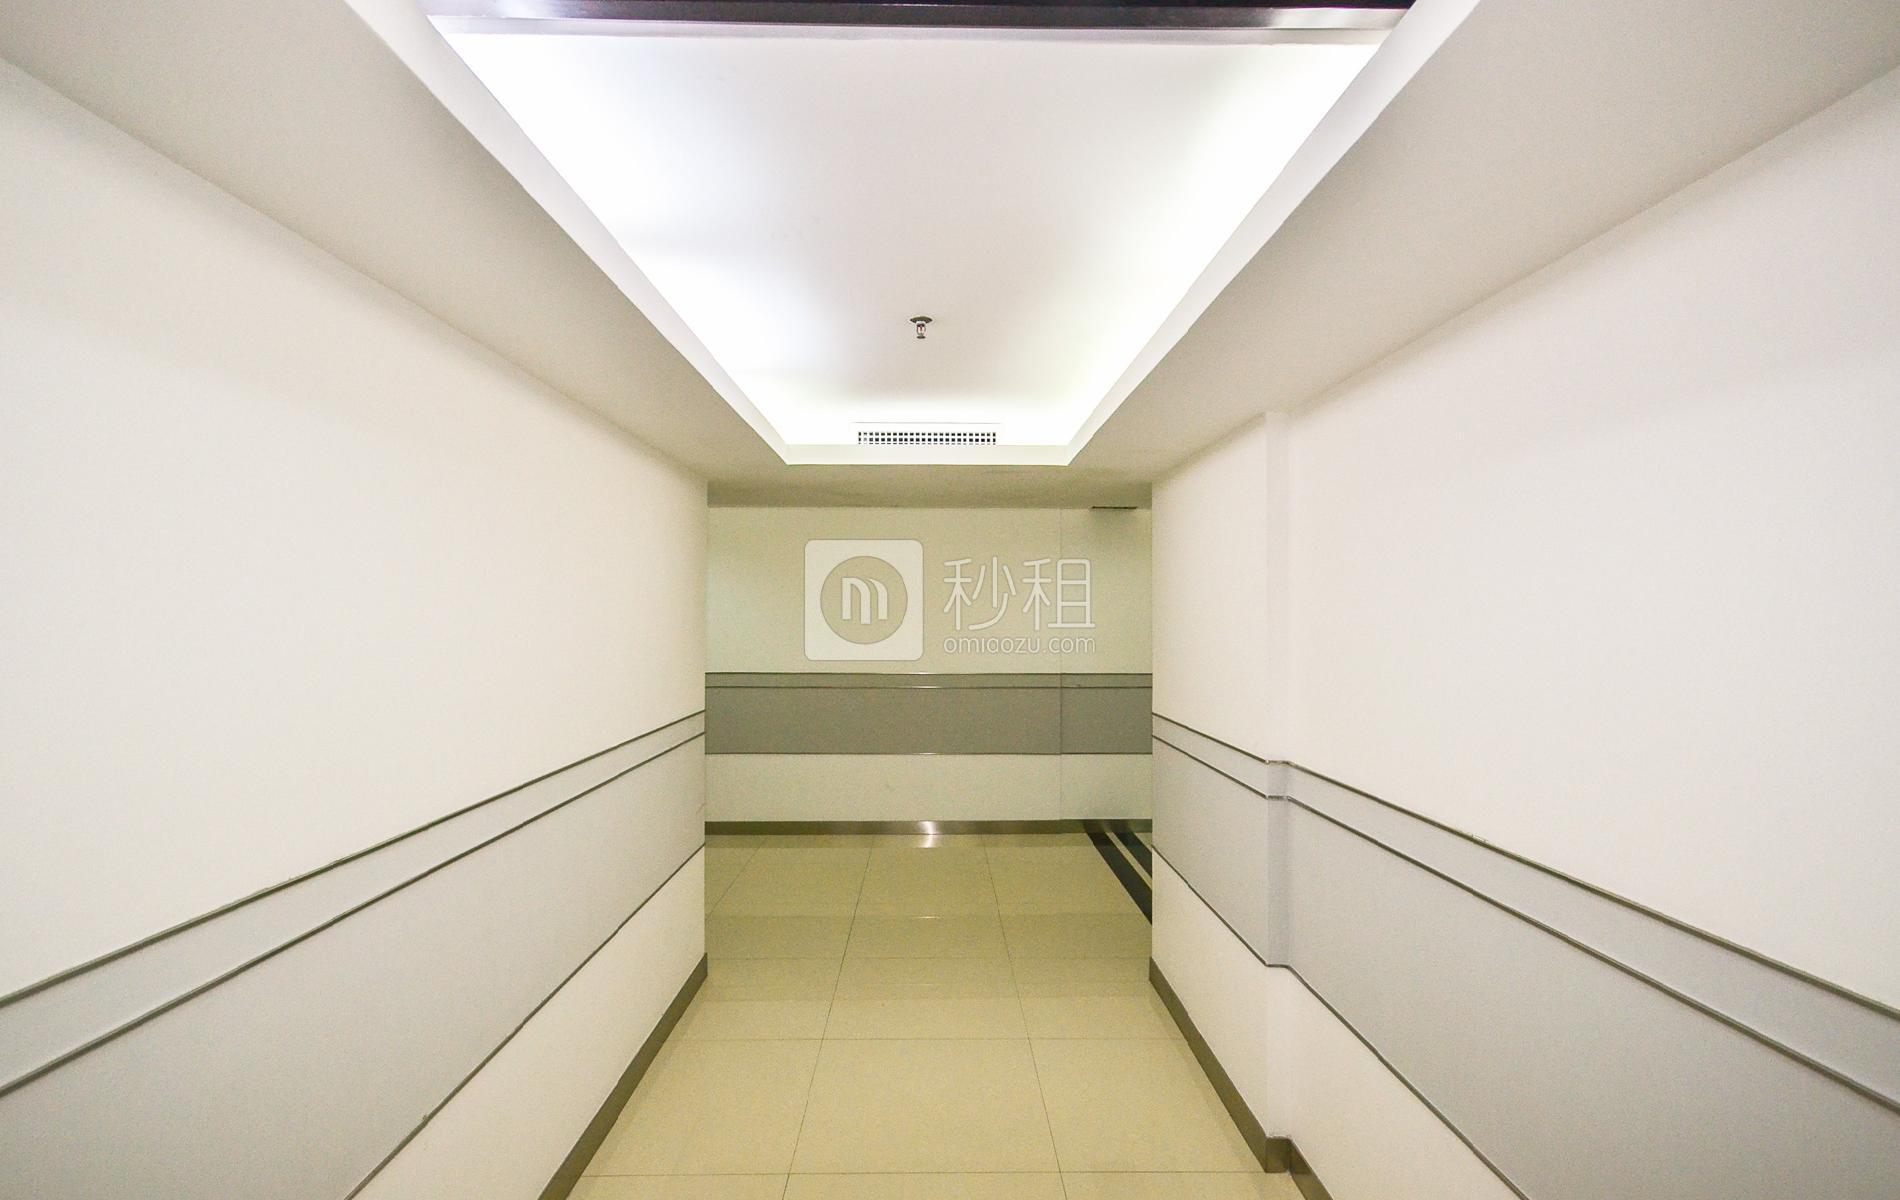 璟泰大厦写字楼出租/招租/租赁,璟泰大厦办公室出租/招租/租赁